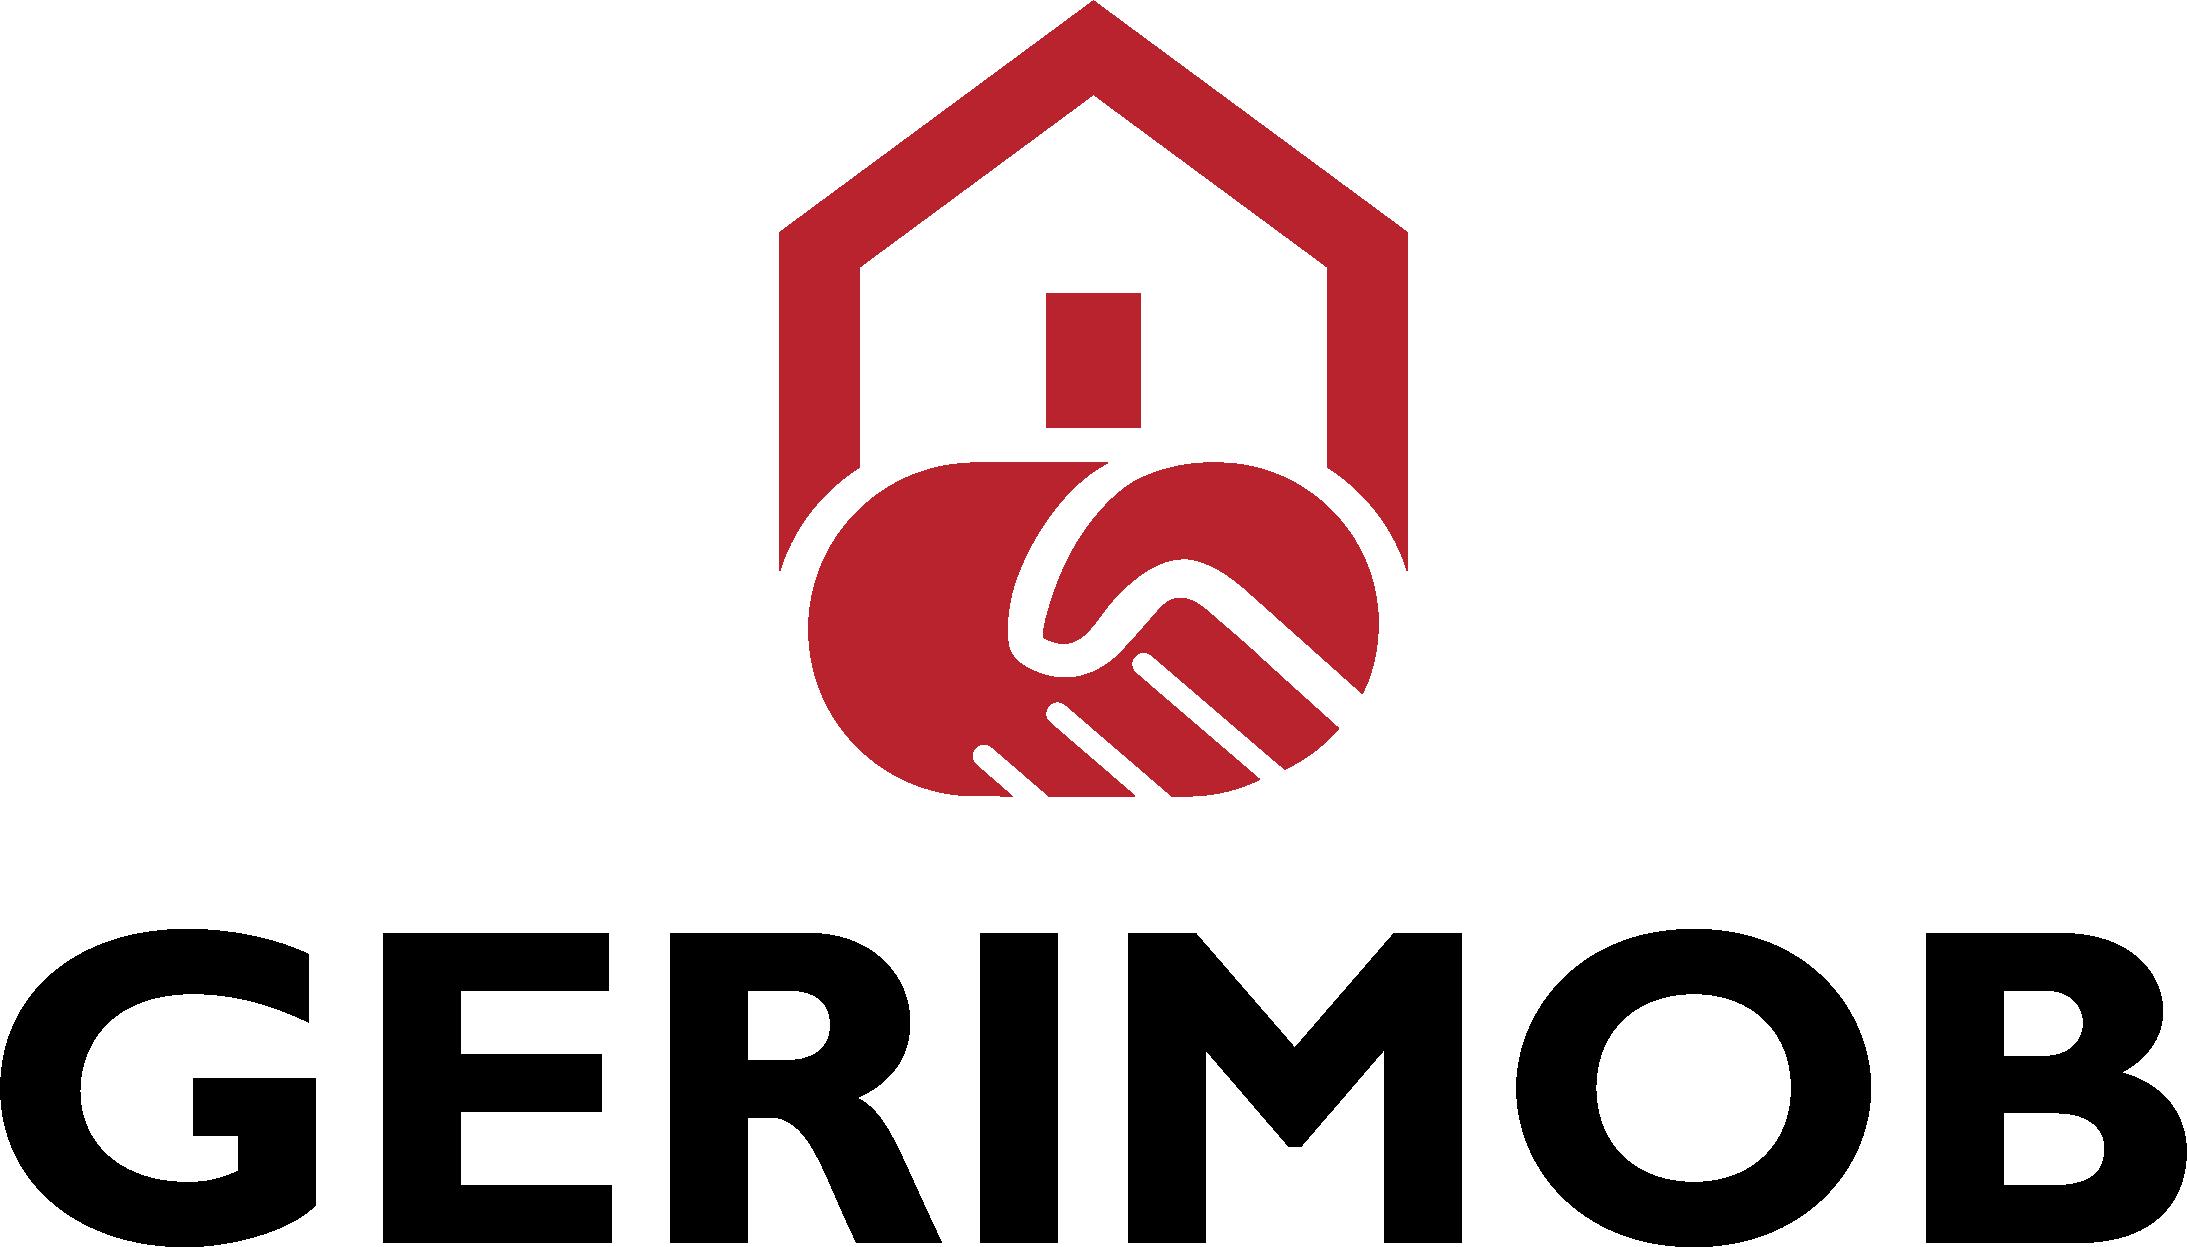 DOMOGERIMOB, Soc. Mediação Imobiliária e Gestão de condomínios, Lda